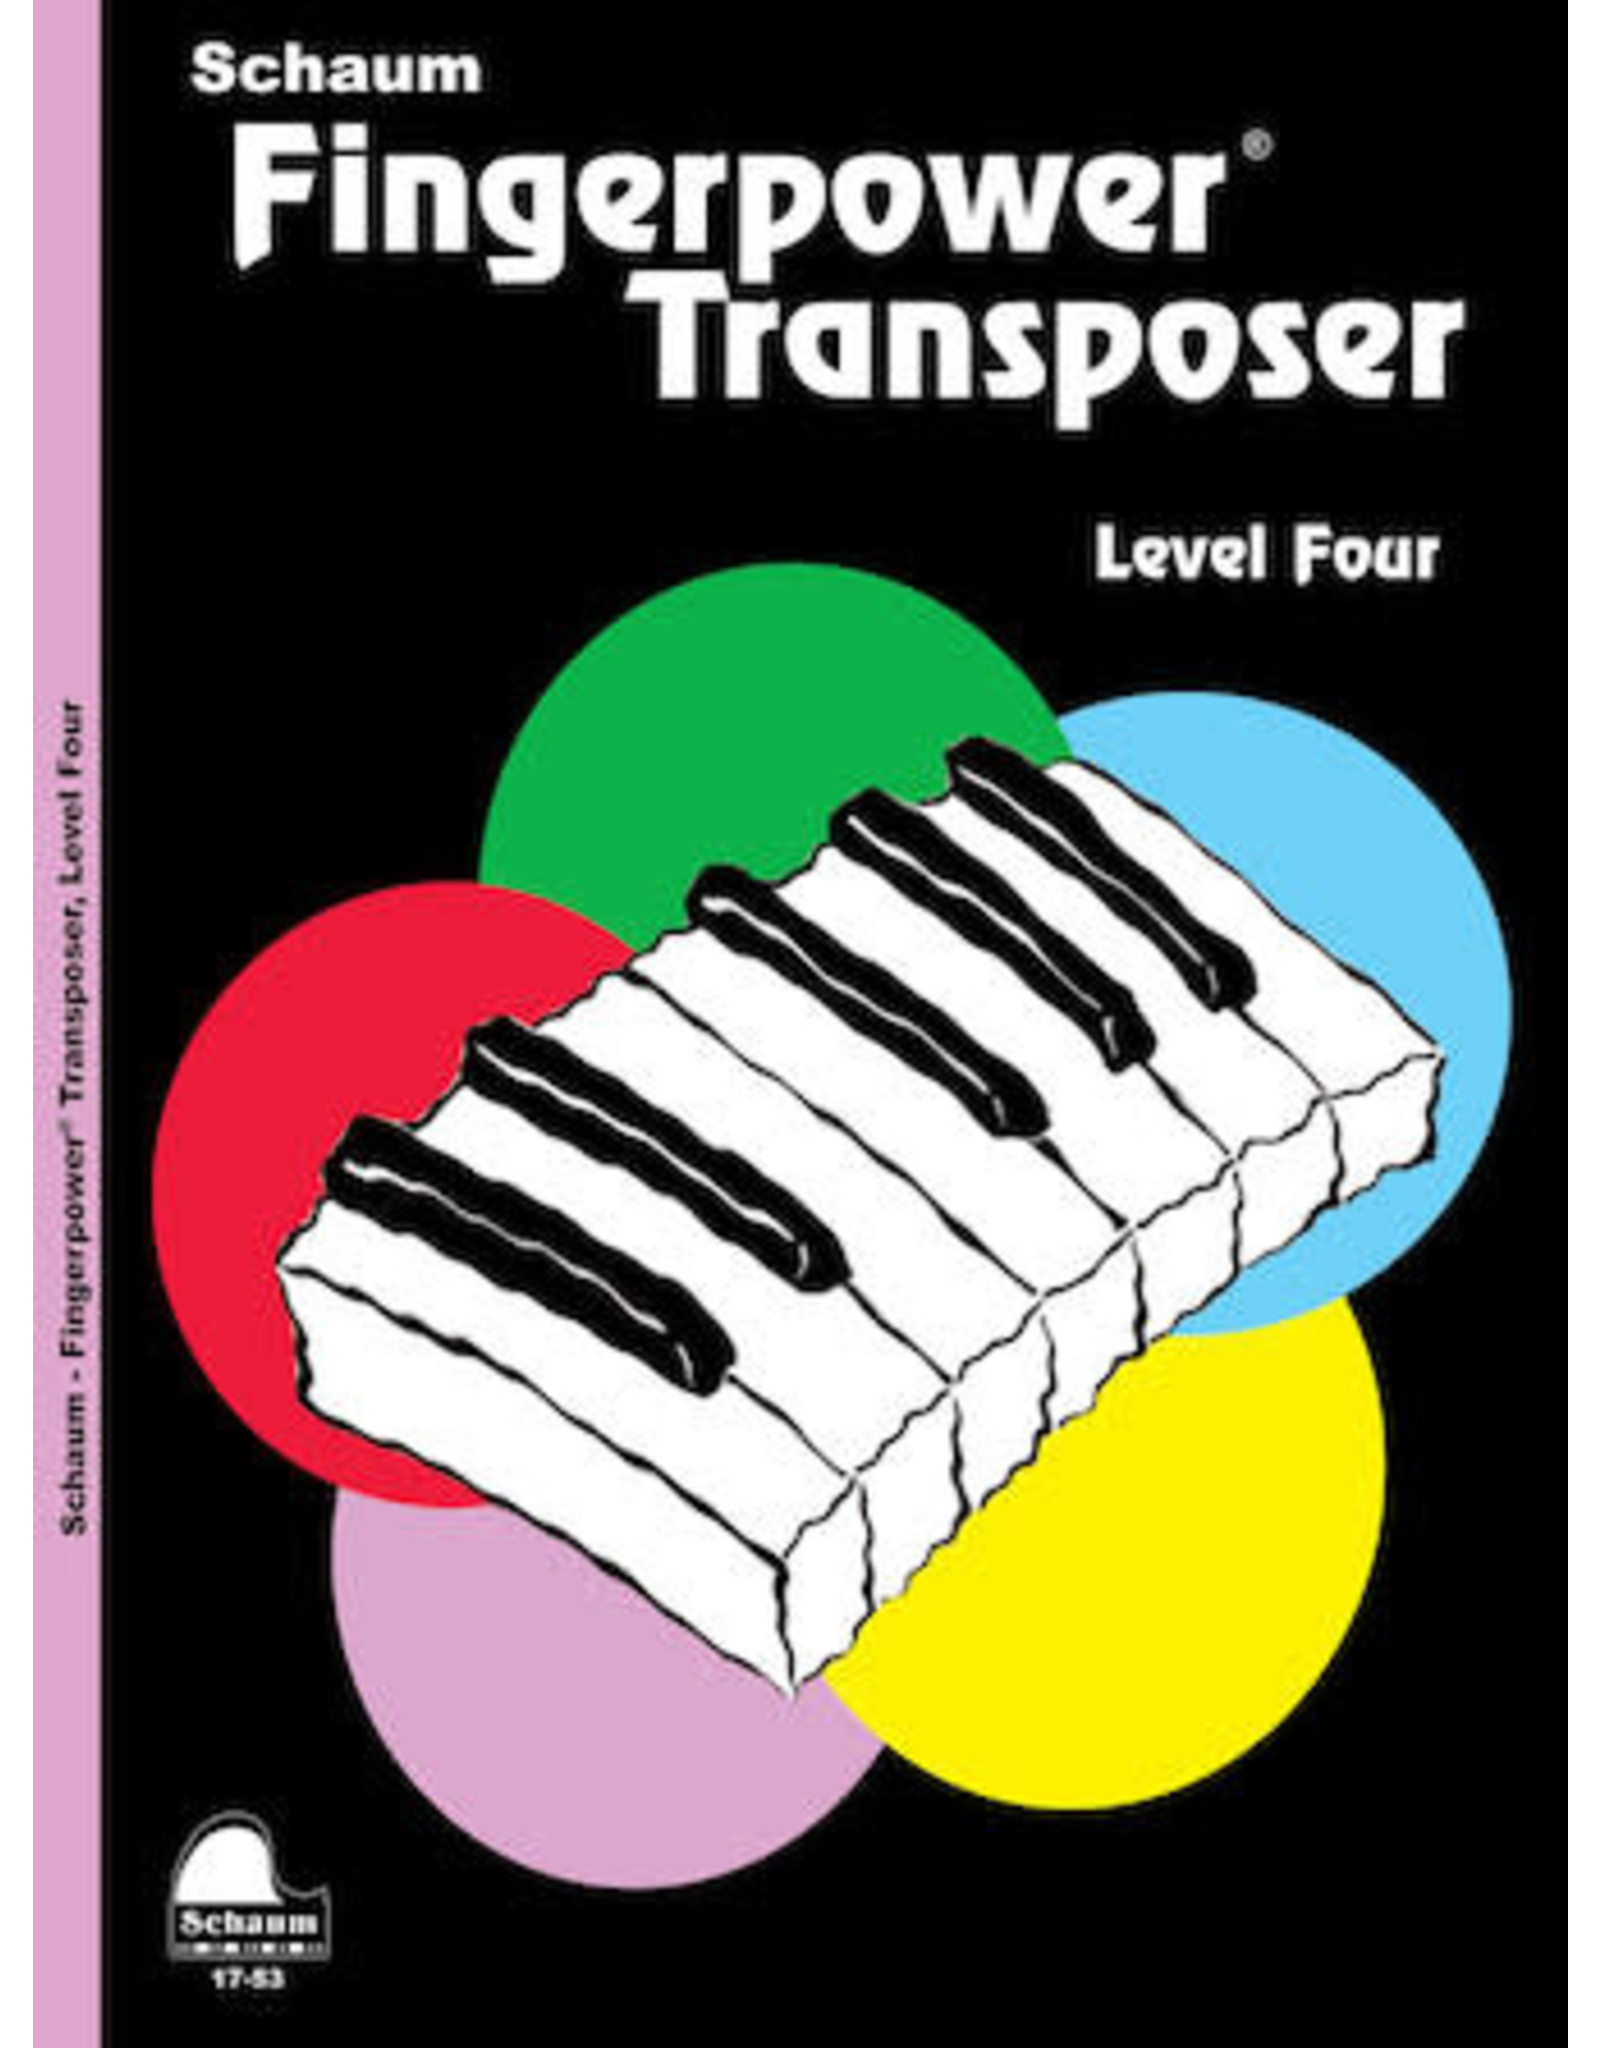 Hal Leonard Schaum Fingerpower Transposer Level 4